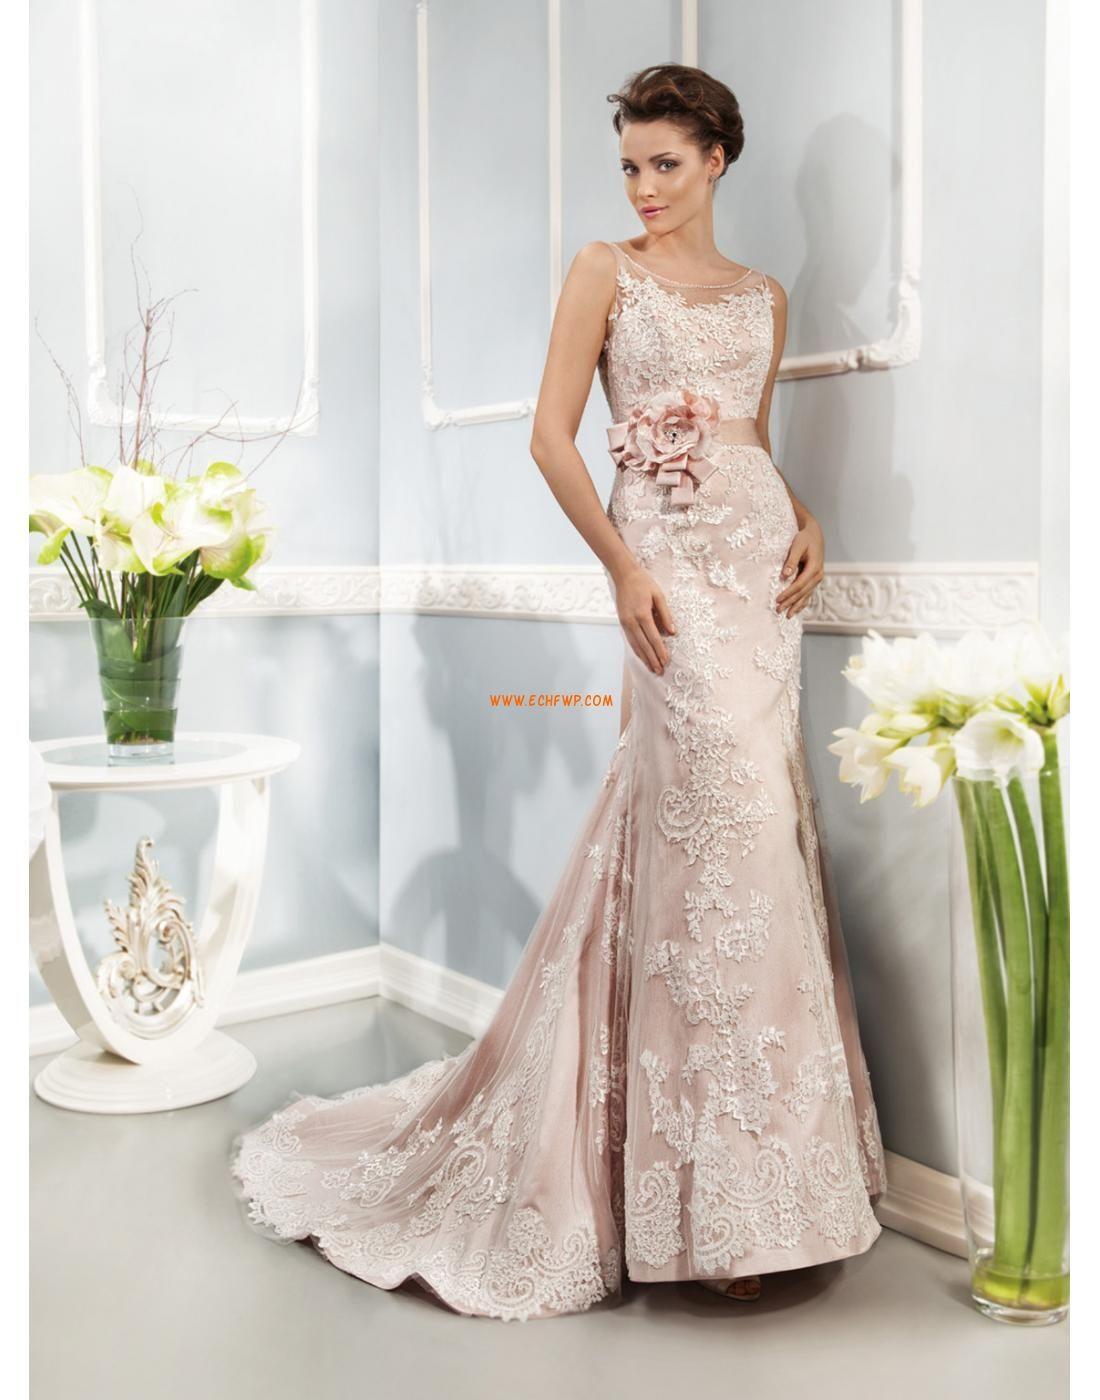 Sala Sirena Schiena Nuda Abiti Da Sposa 2014 | abiti sposa colorati ...